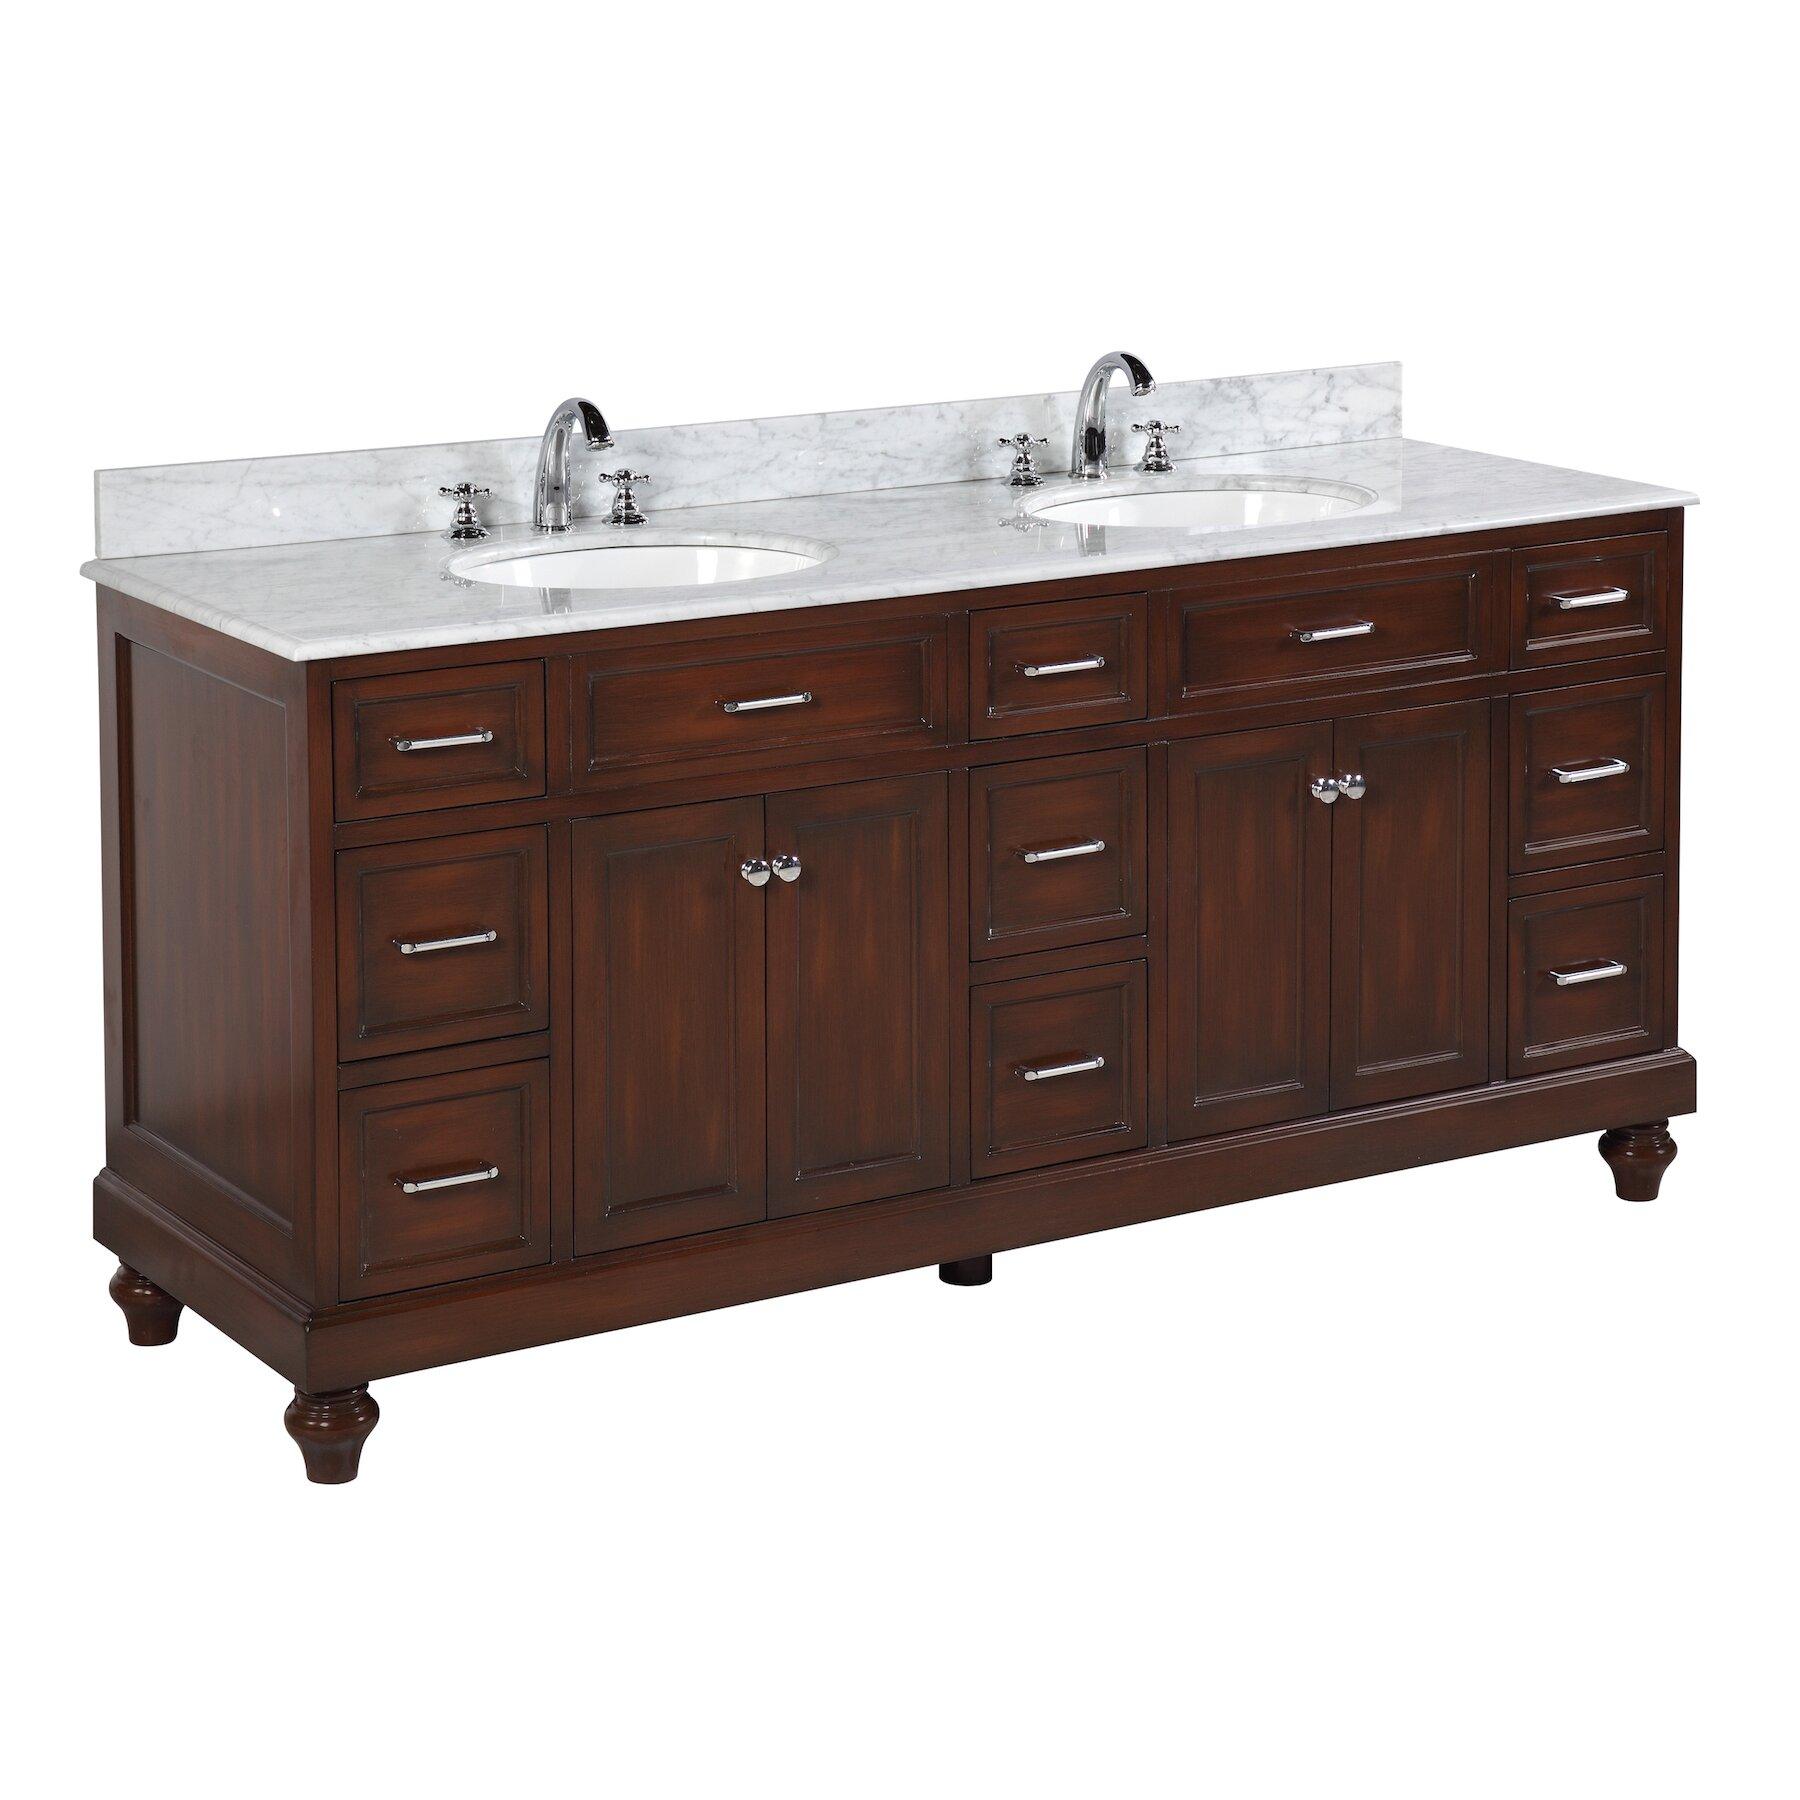 kbc amelia 72 double bathroom vanity set reviews wayfair